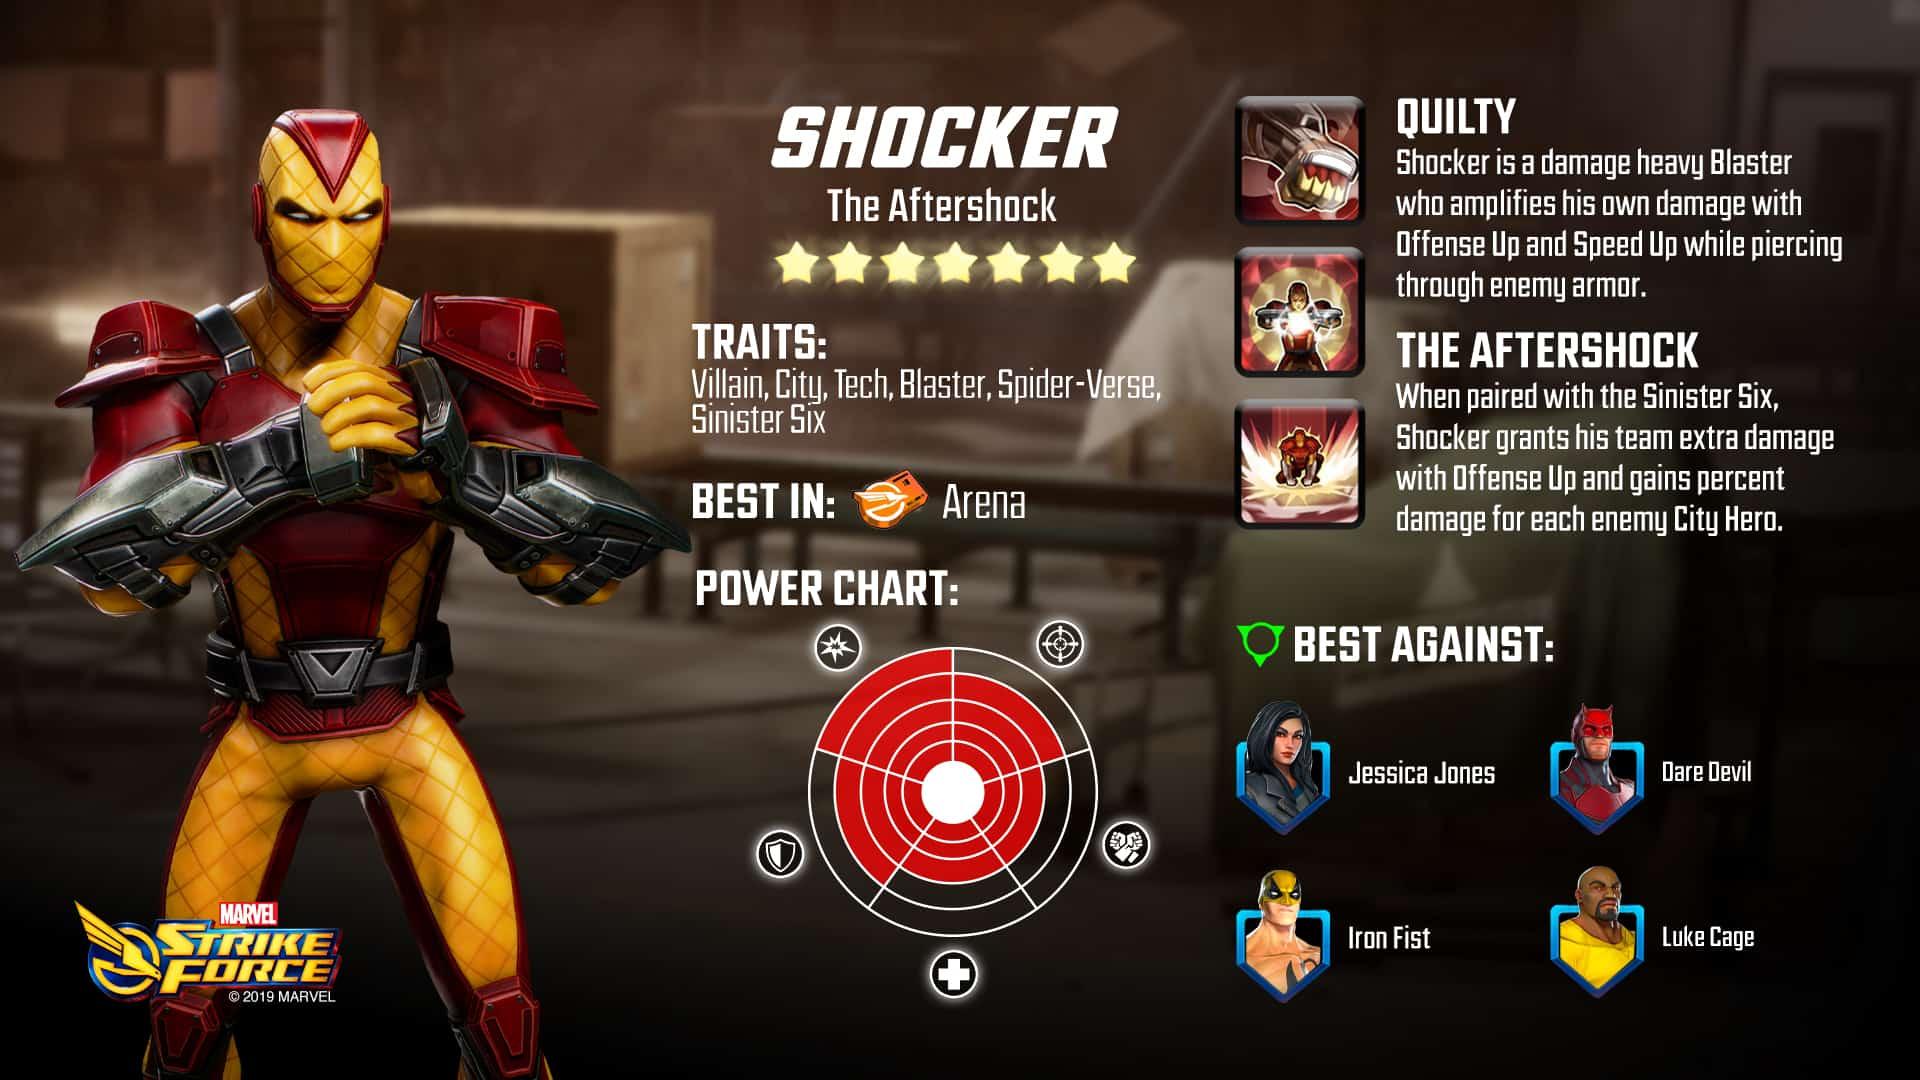 MSF Shocker